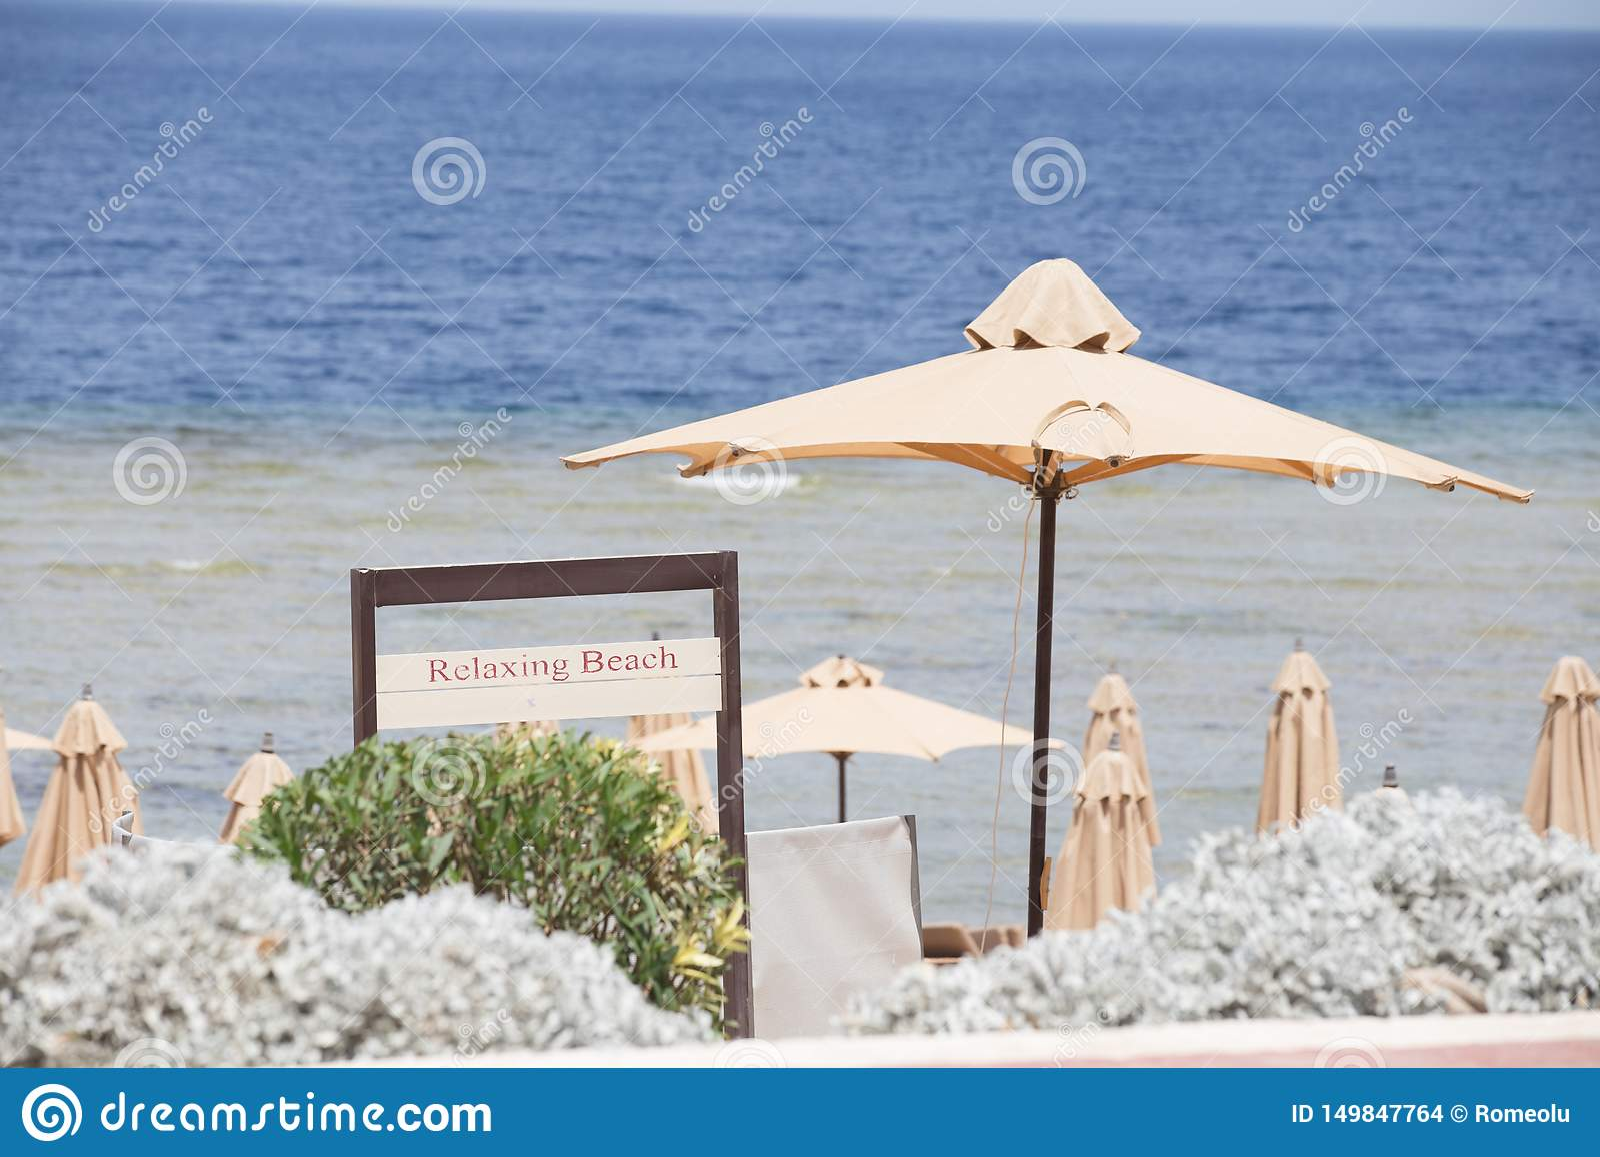 Umbrellas editorial image. Image of umbrella, greece